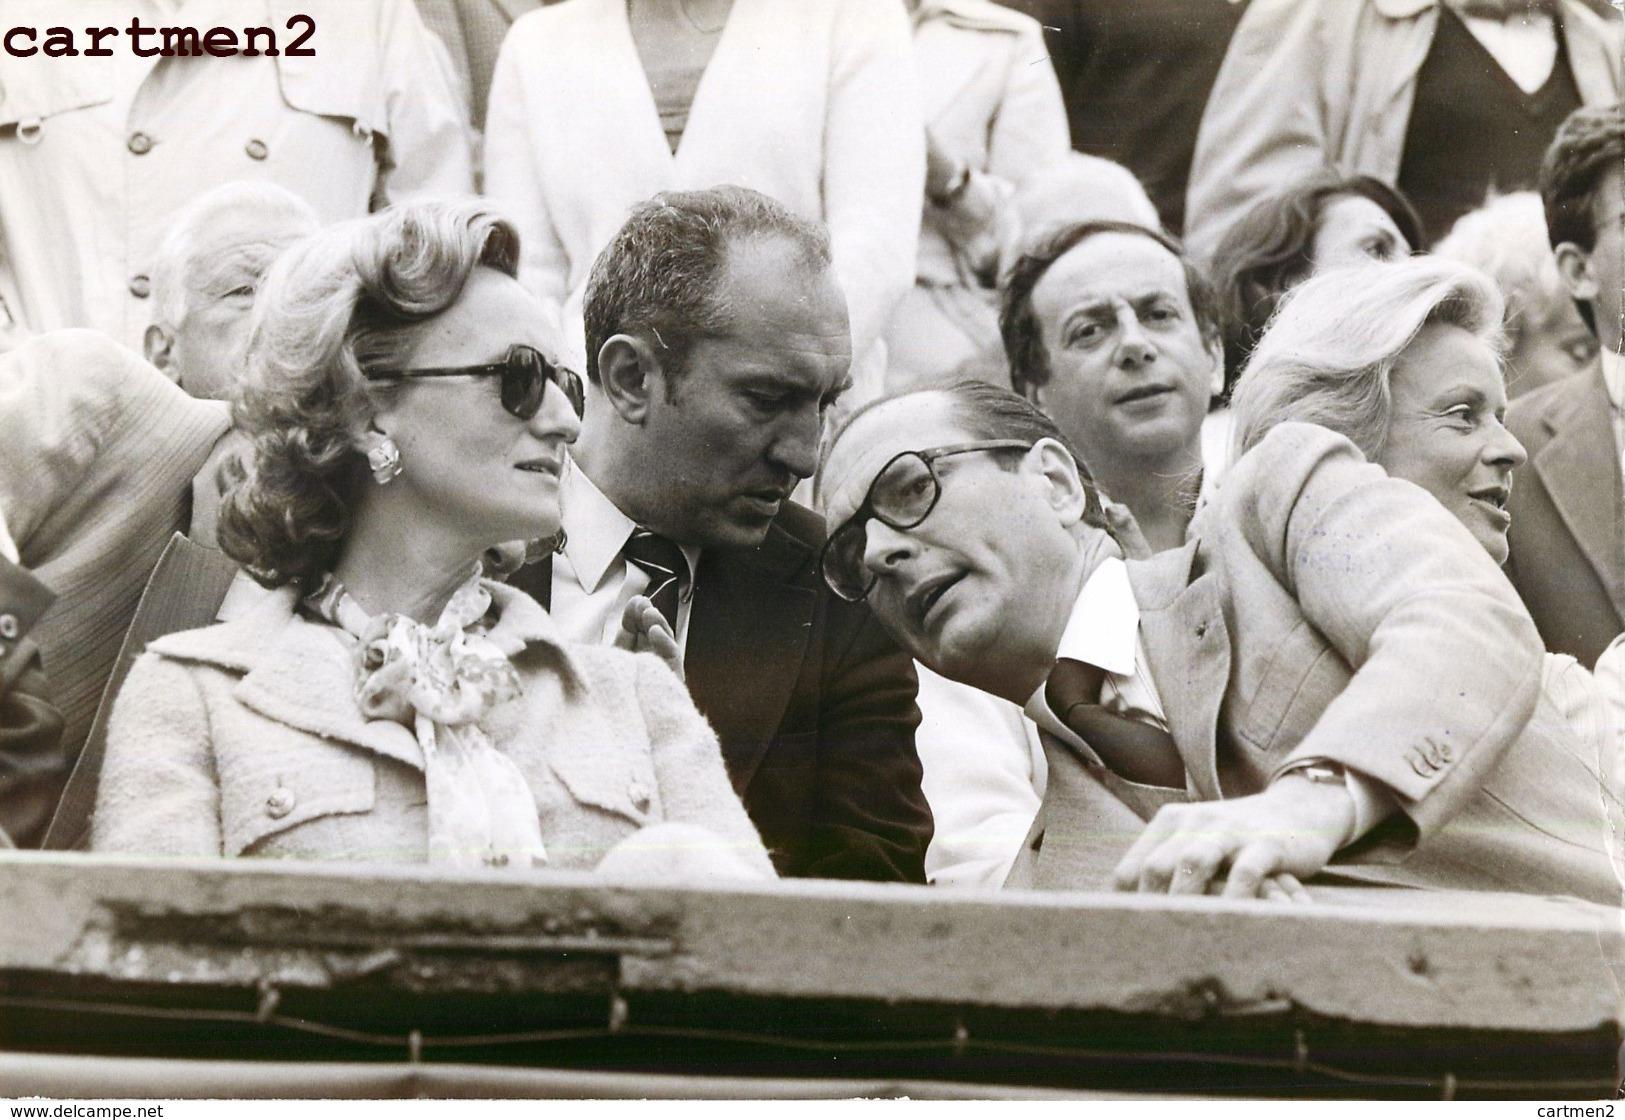 GRANDE PHOTOGRAPHIE JACQUES CHIRAC ET BERNADETTE A ROLAND-GARROS 1977 PRESIDENT POLITIQUE - Personalidades Famosas